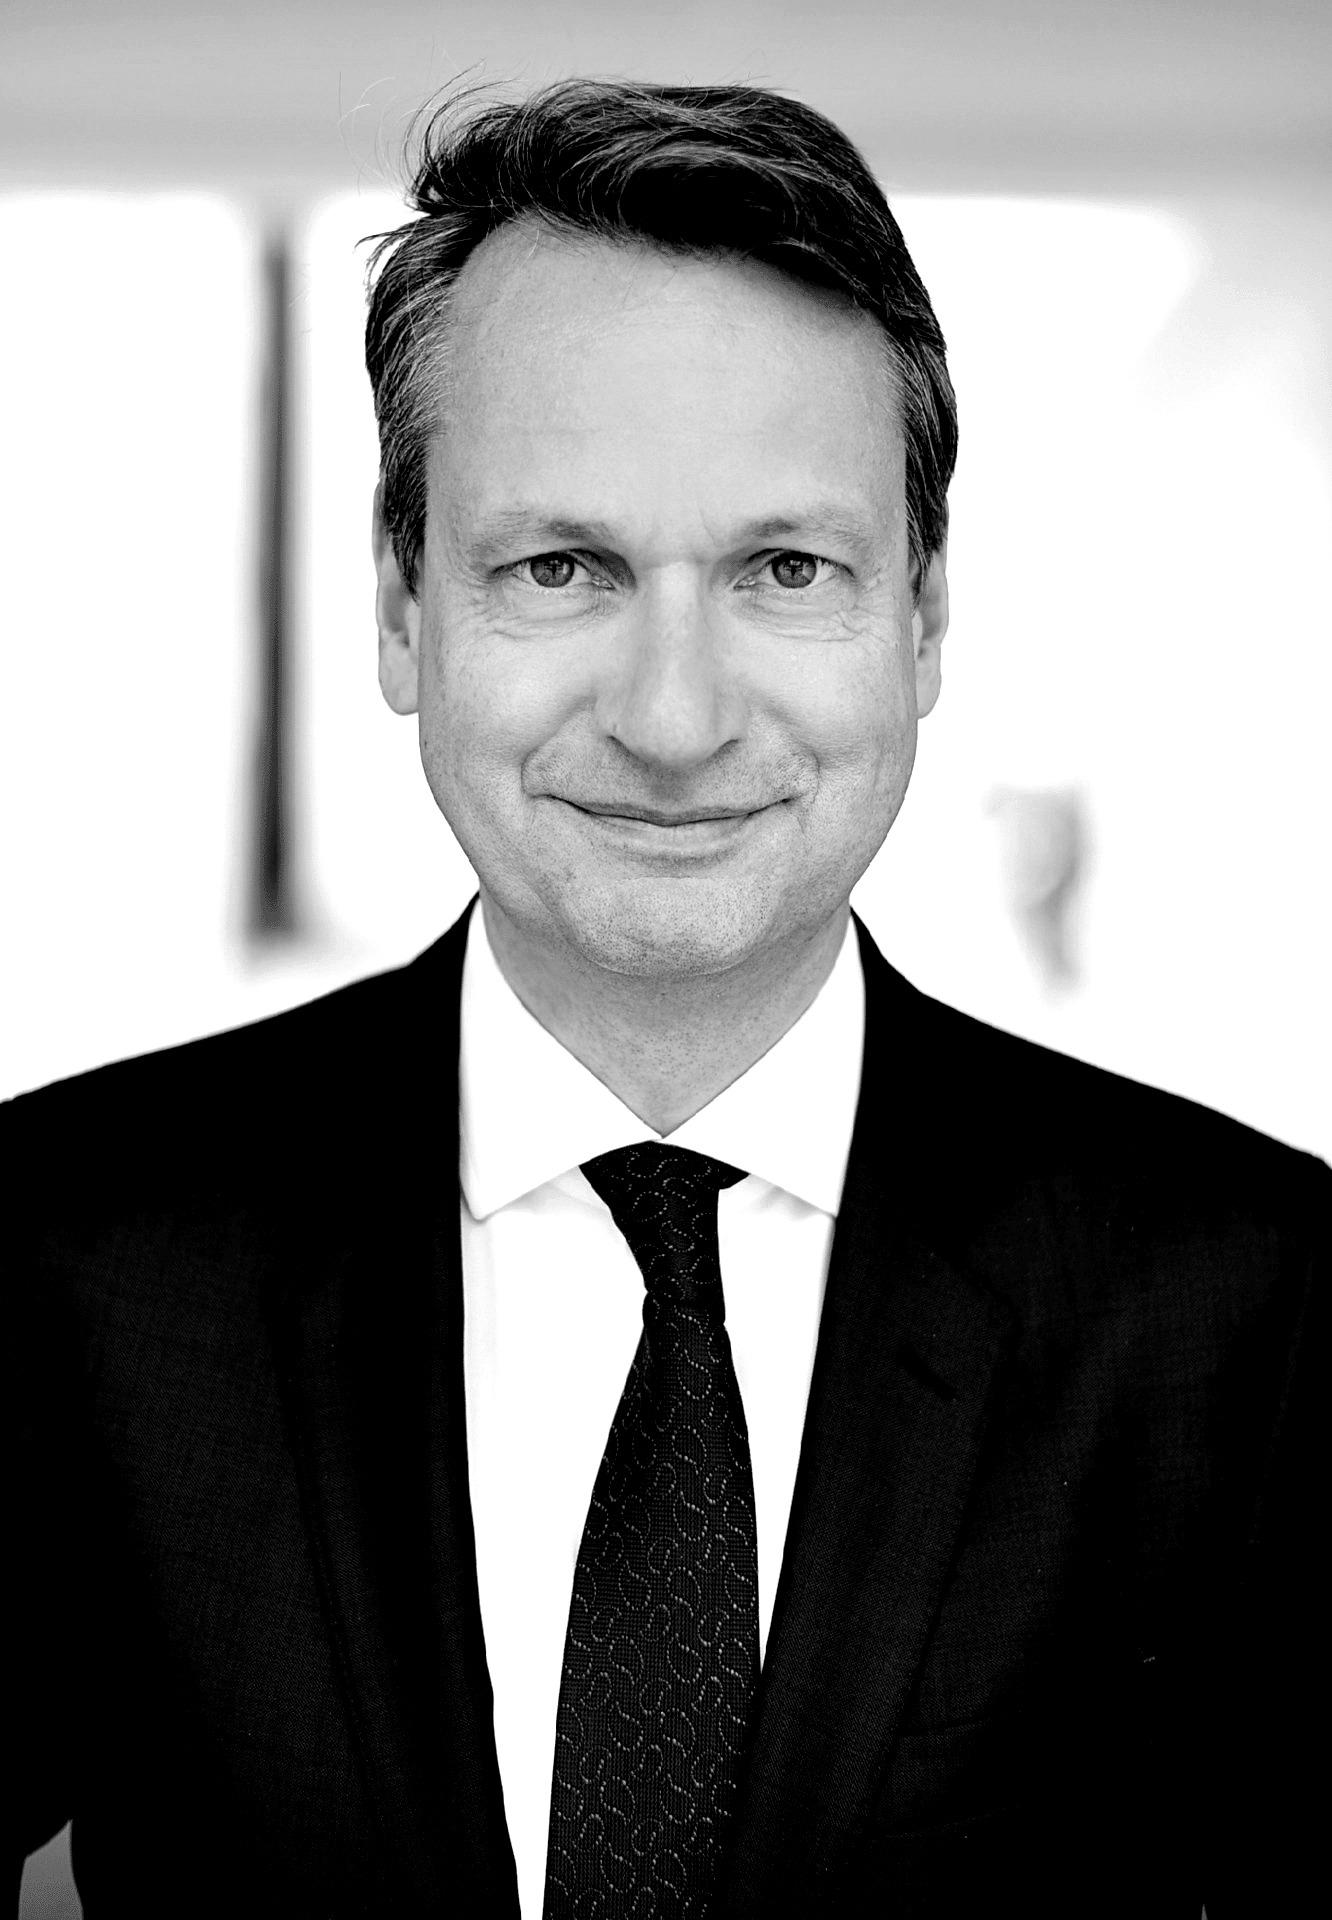 Carsten Kniephoff